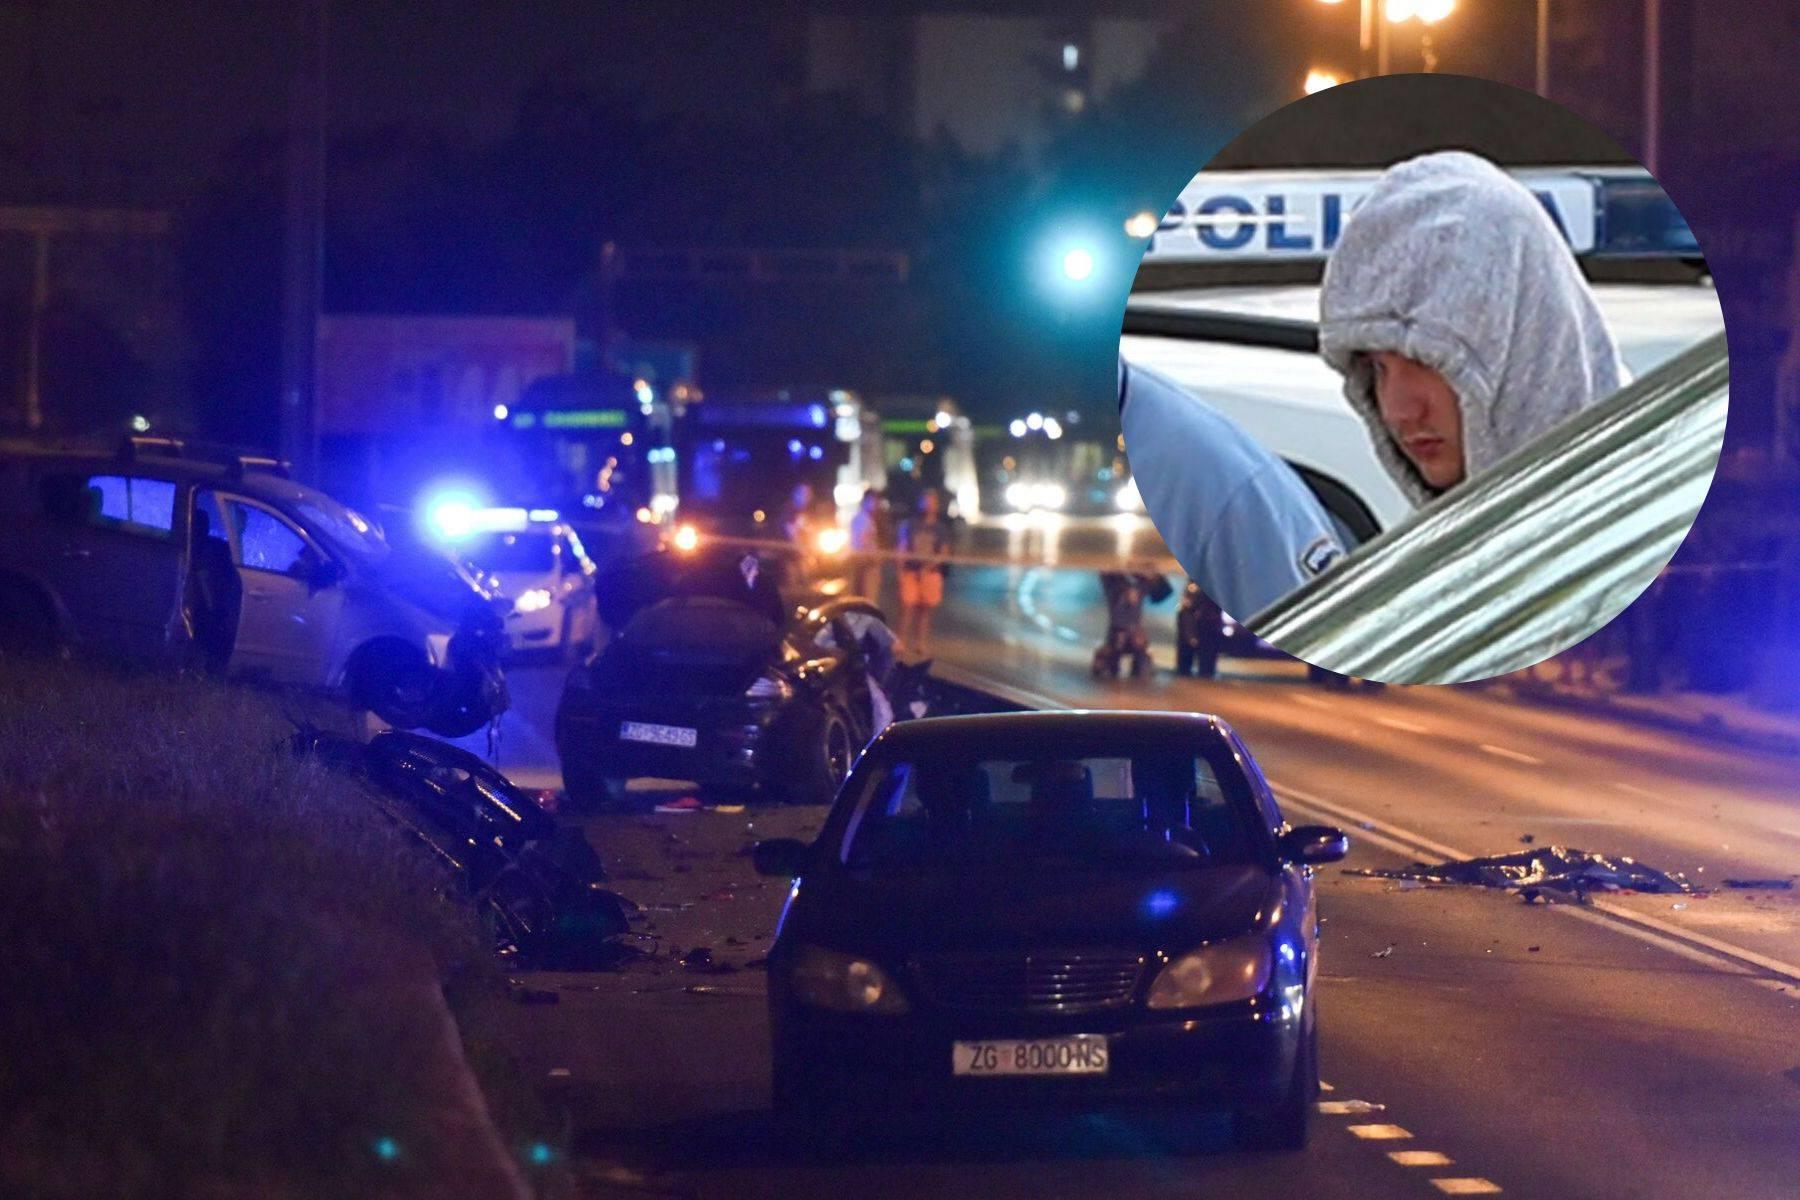 Kamenički je vozeći po Ilici Mercedes 195 km na sat skrivio prometnu i usmrtio dvije žene